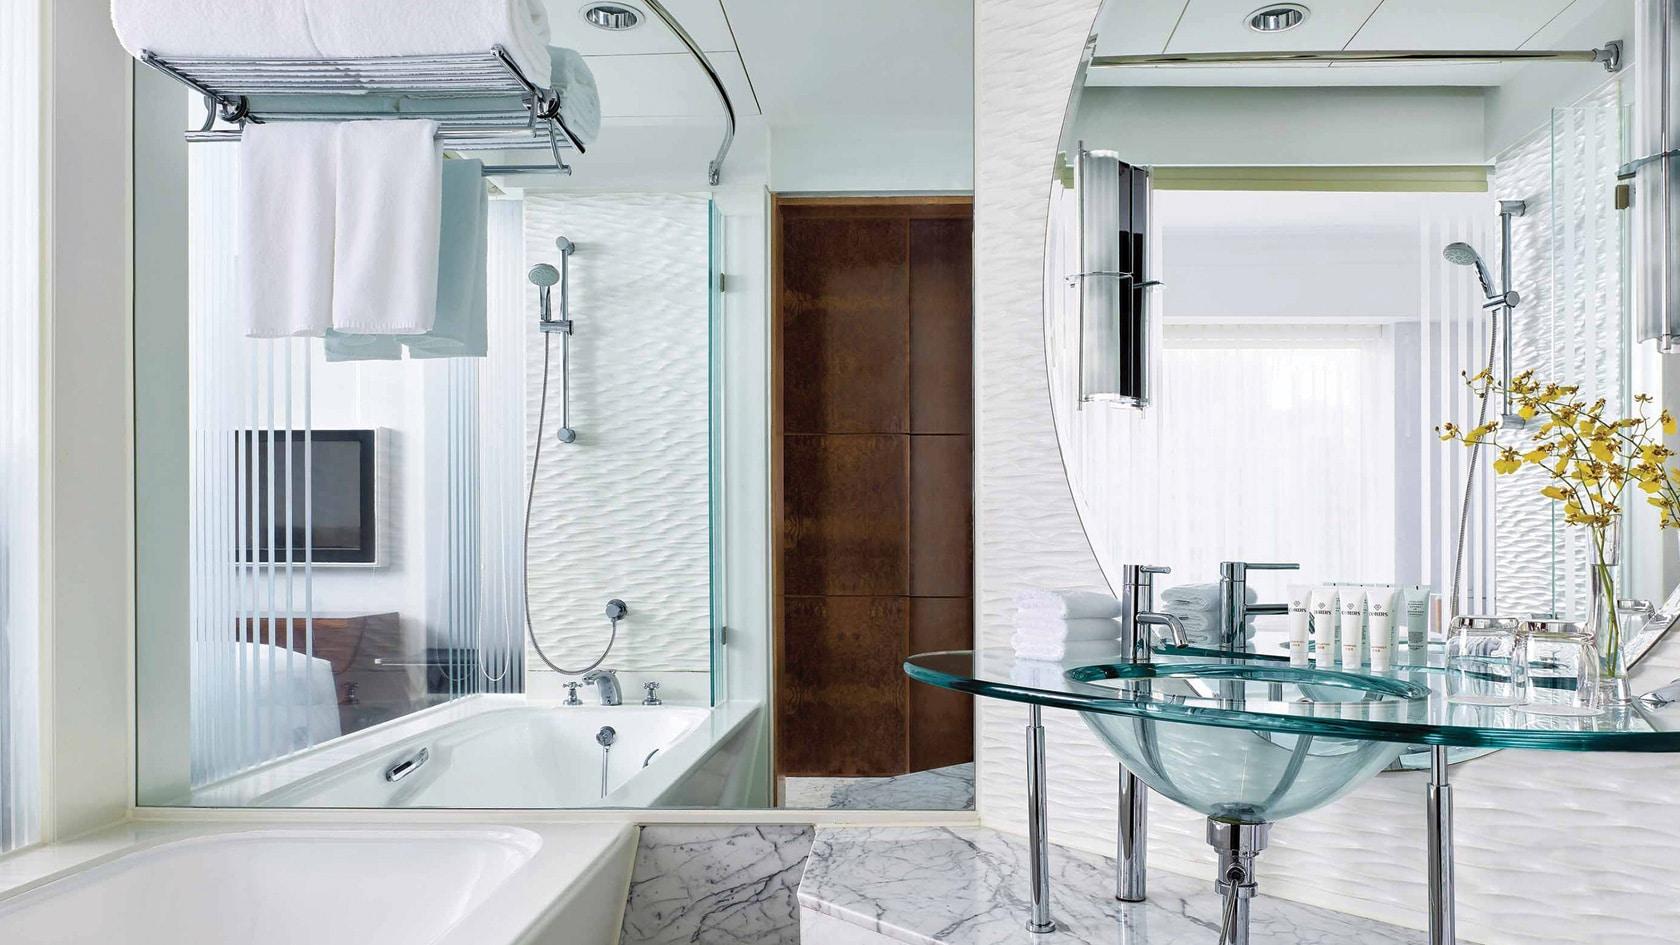 cordis club lounge hong kong hotel bathtub